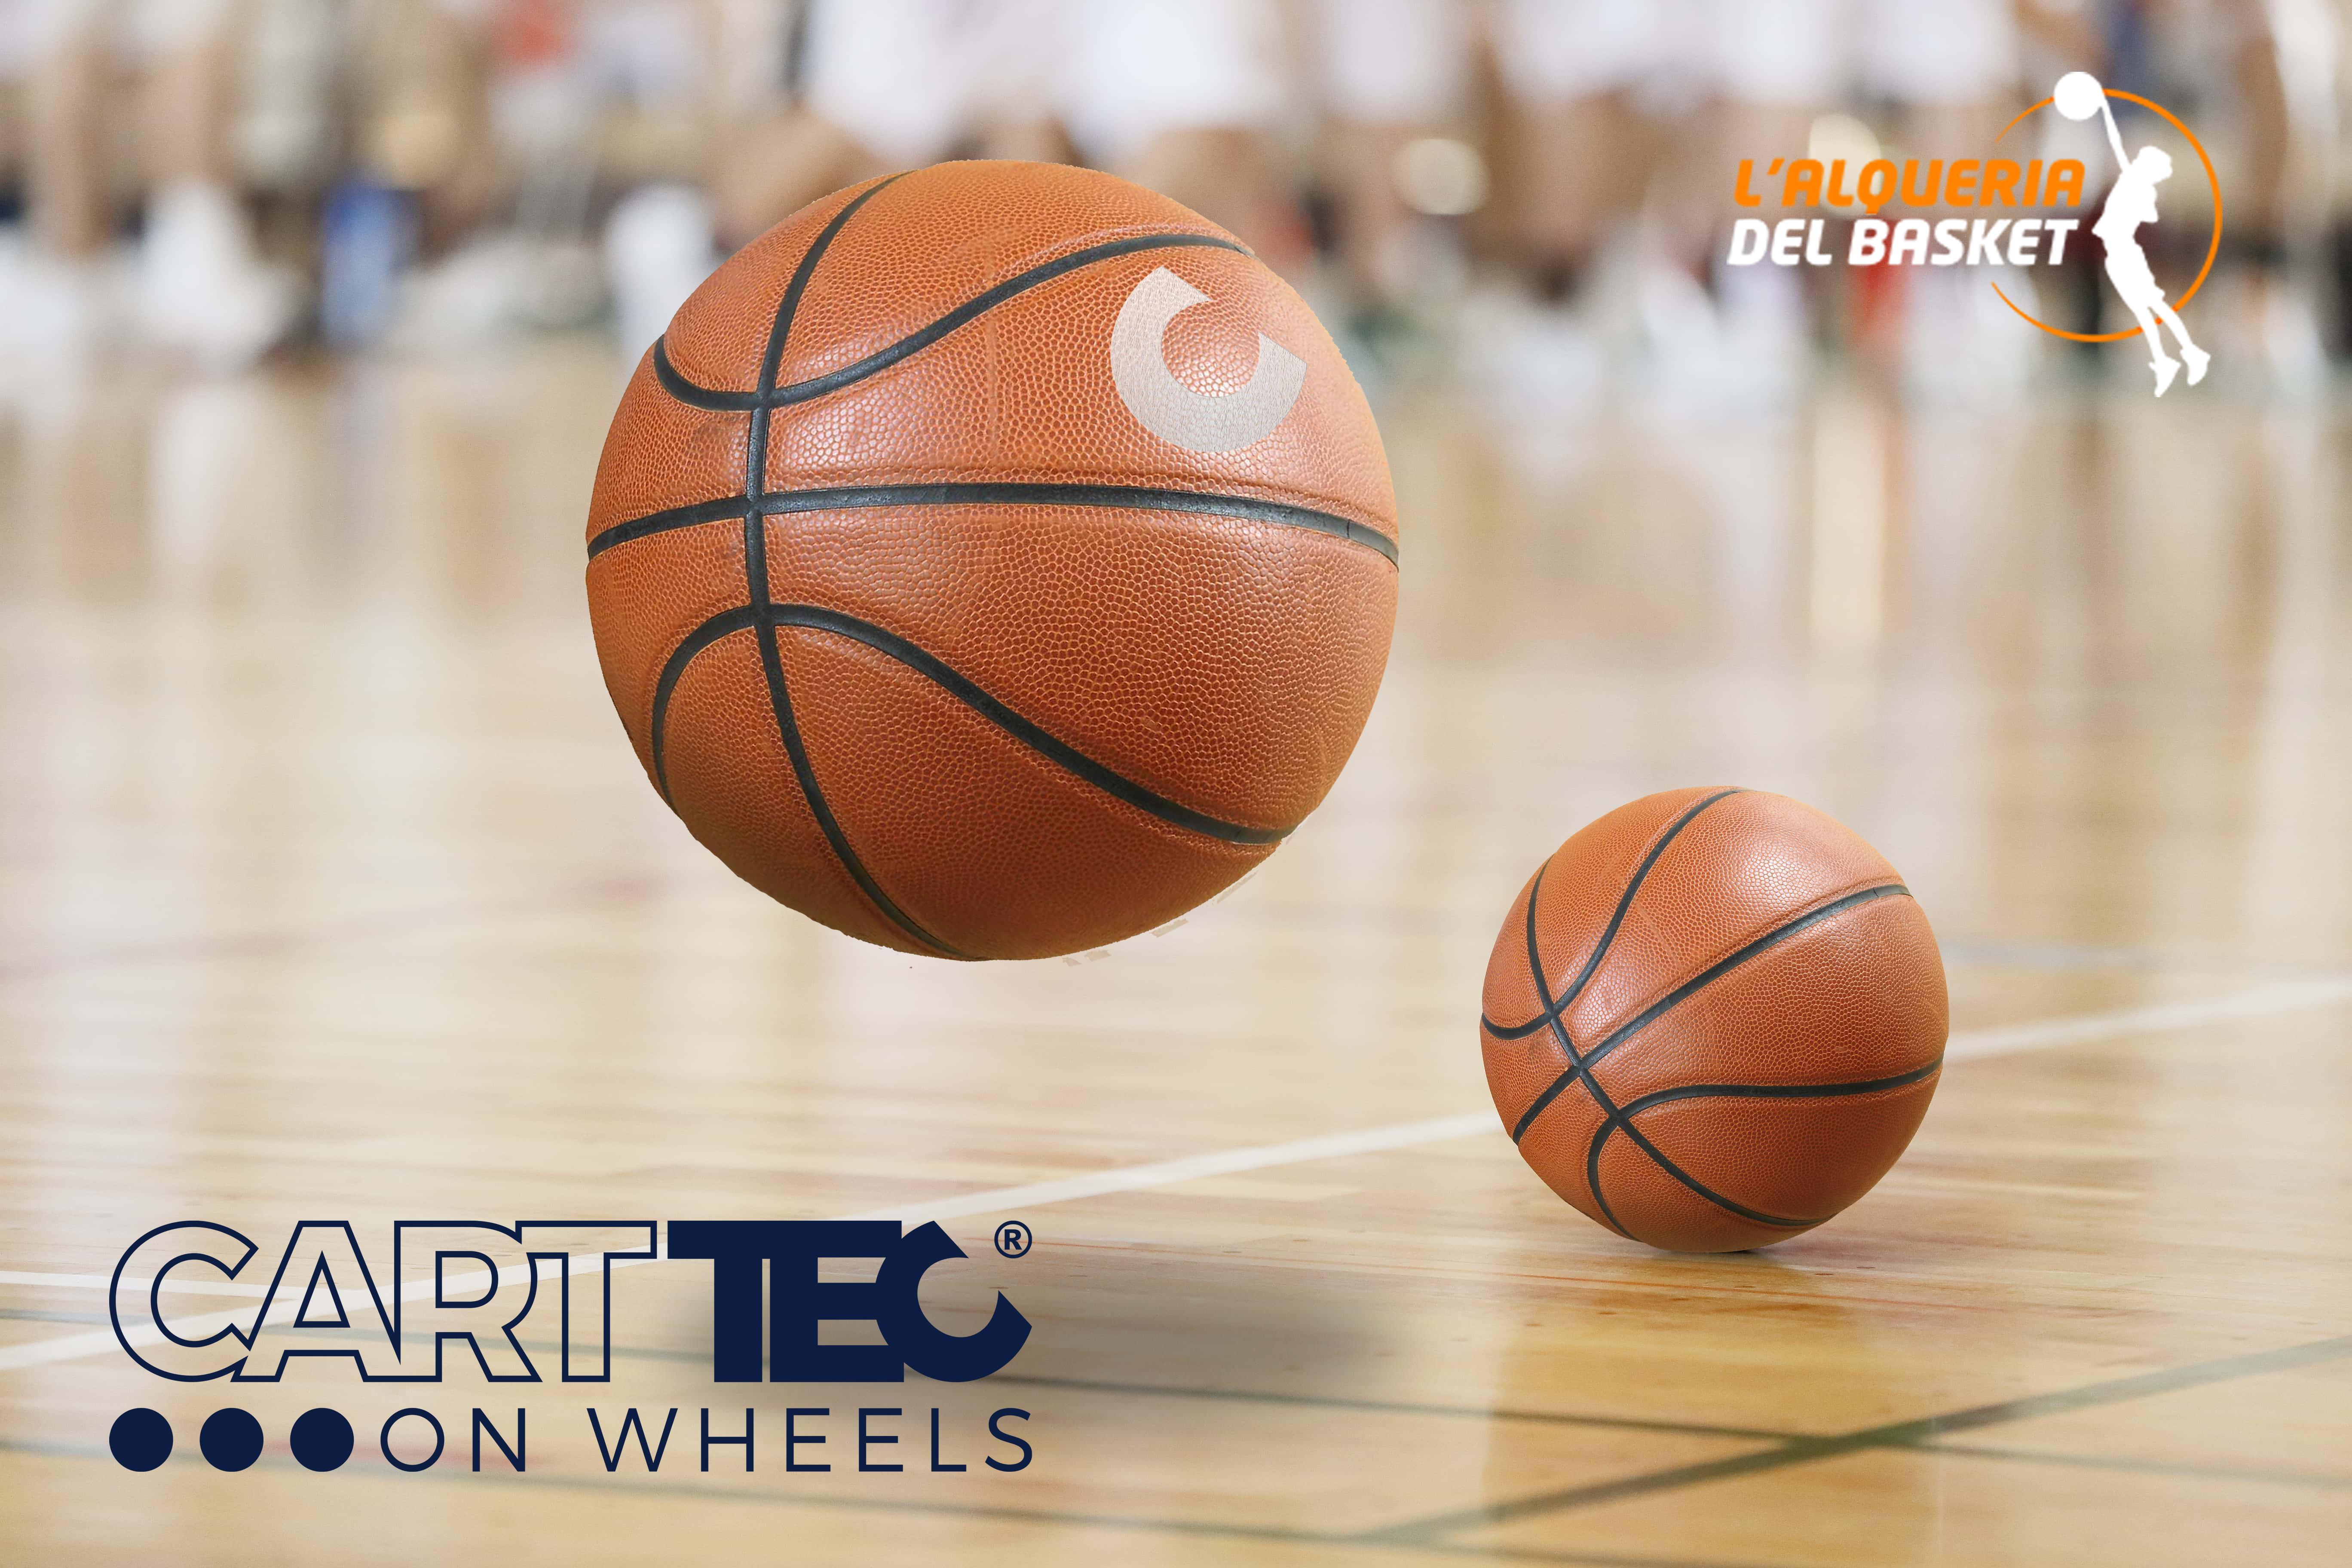 L' Alqueria del Basket  & Carttec